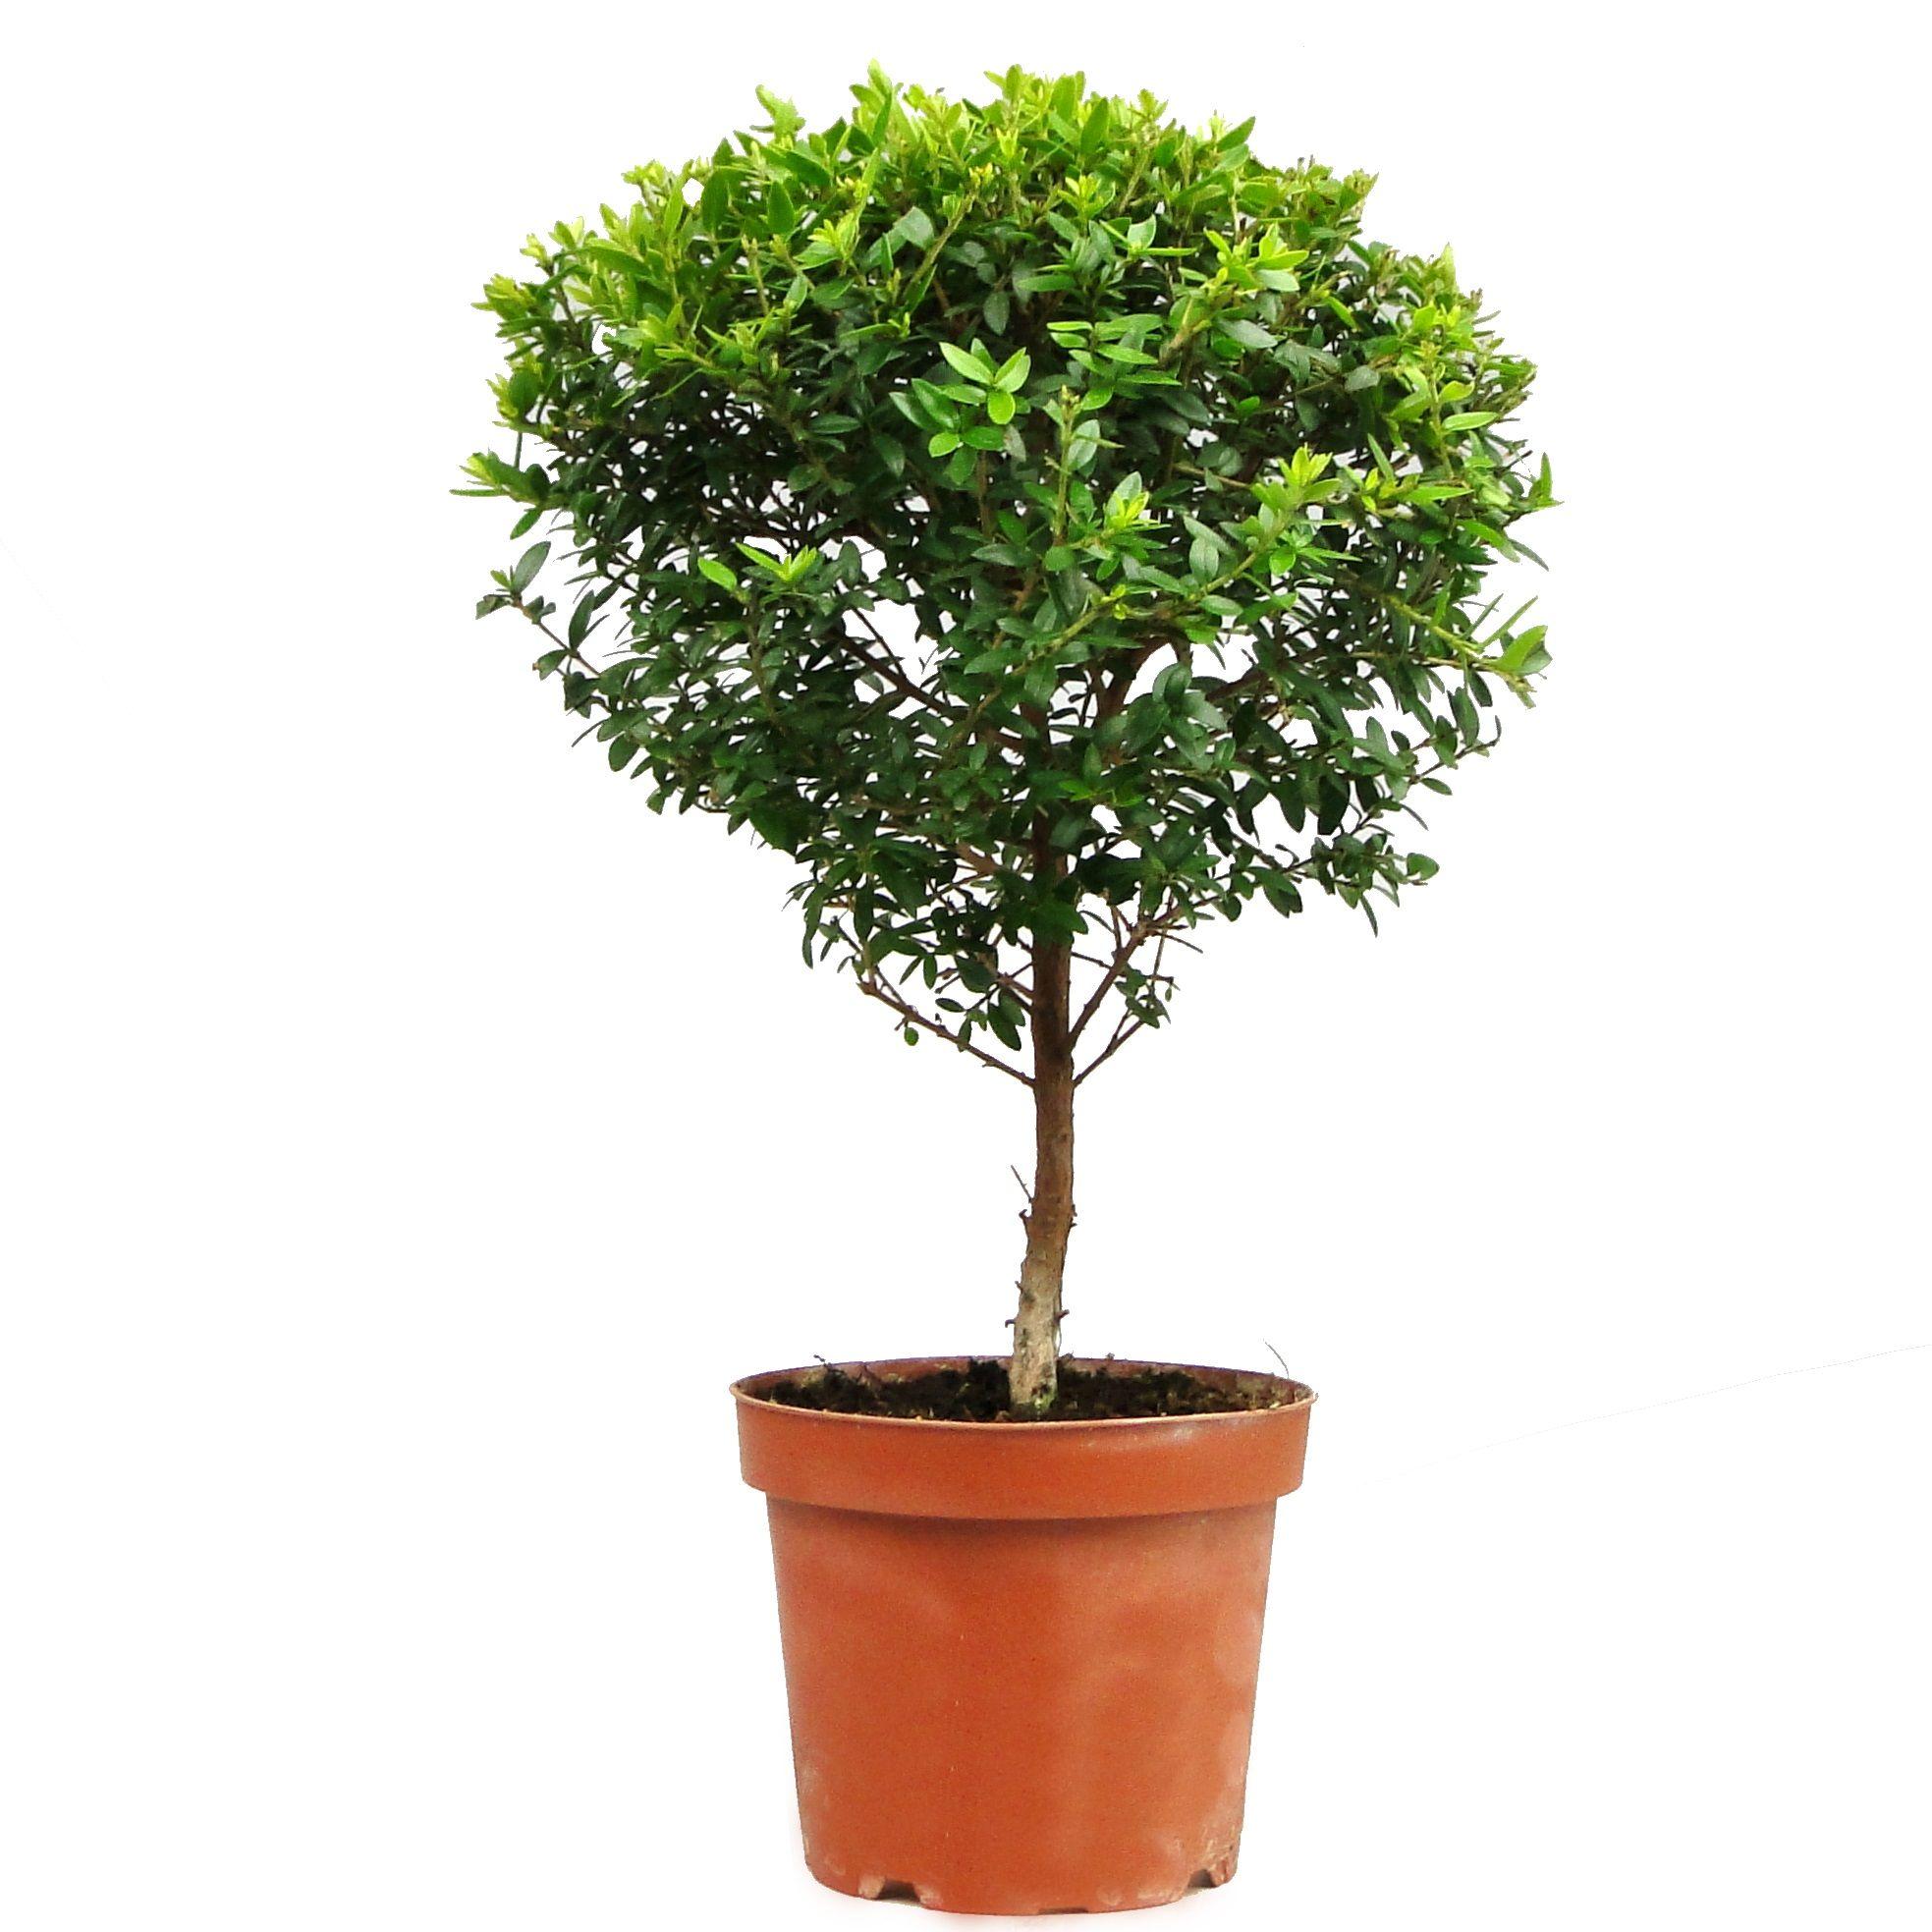 его как выглядит миртовое деревце фото меня